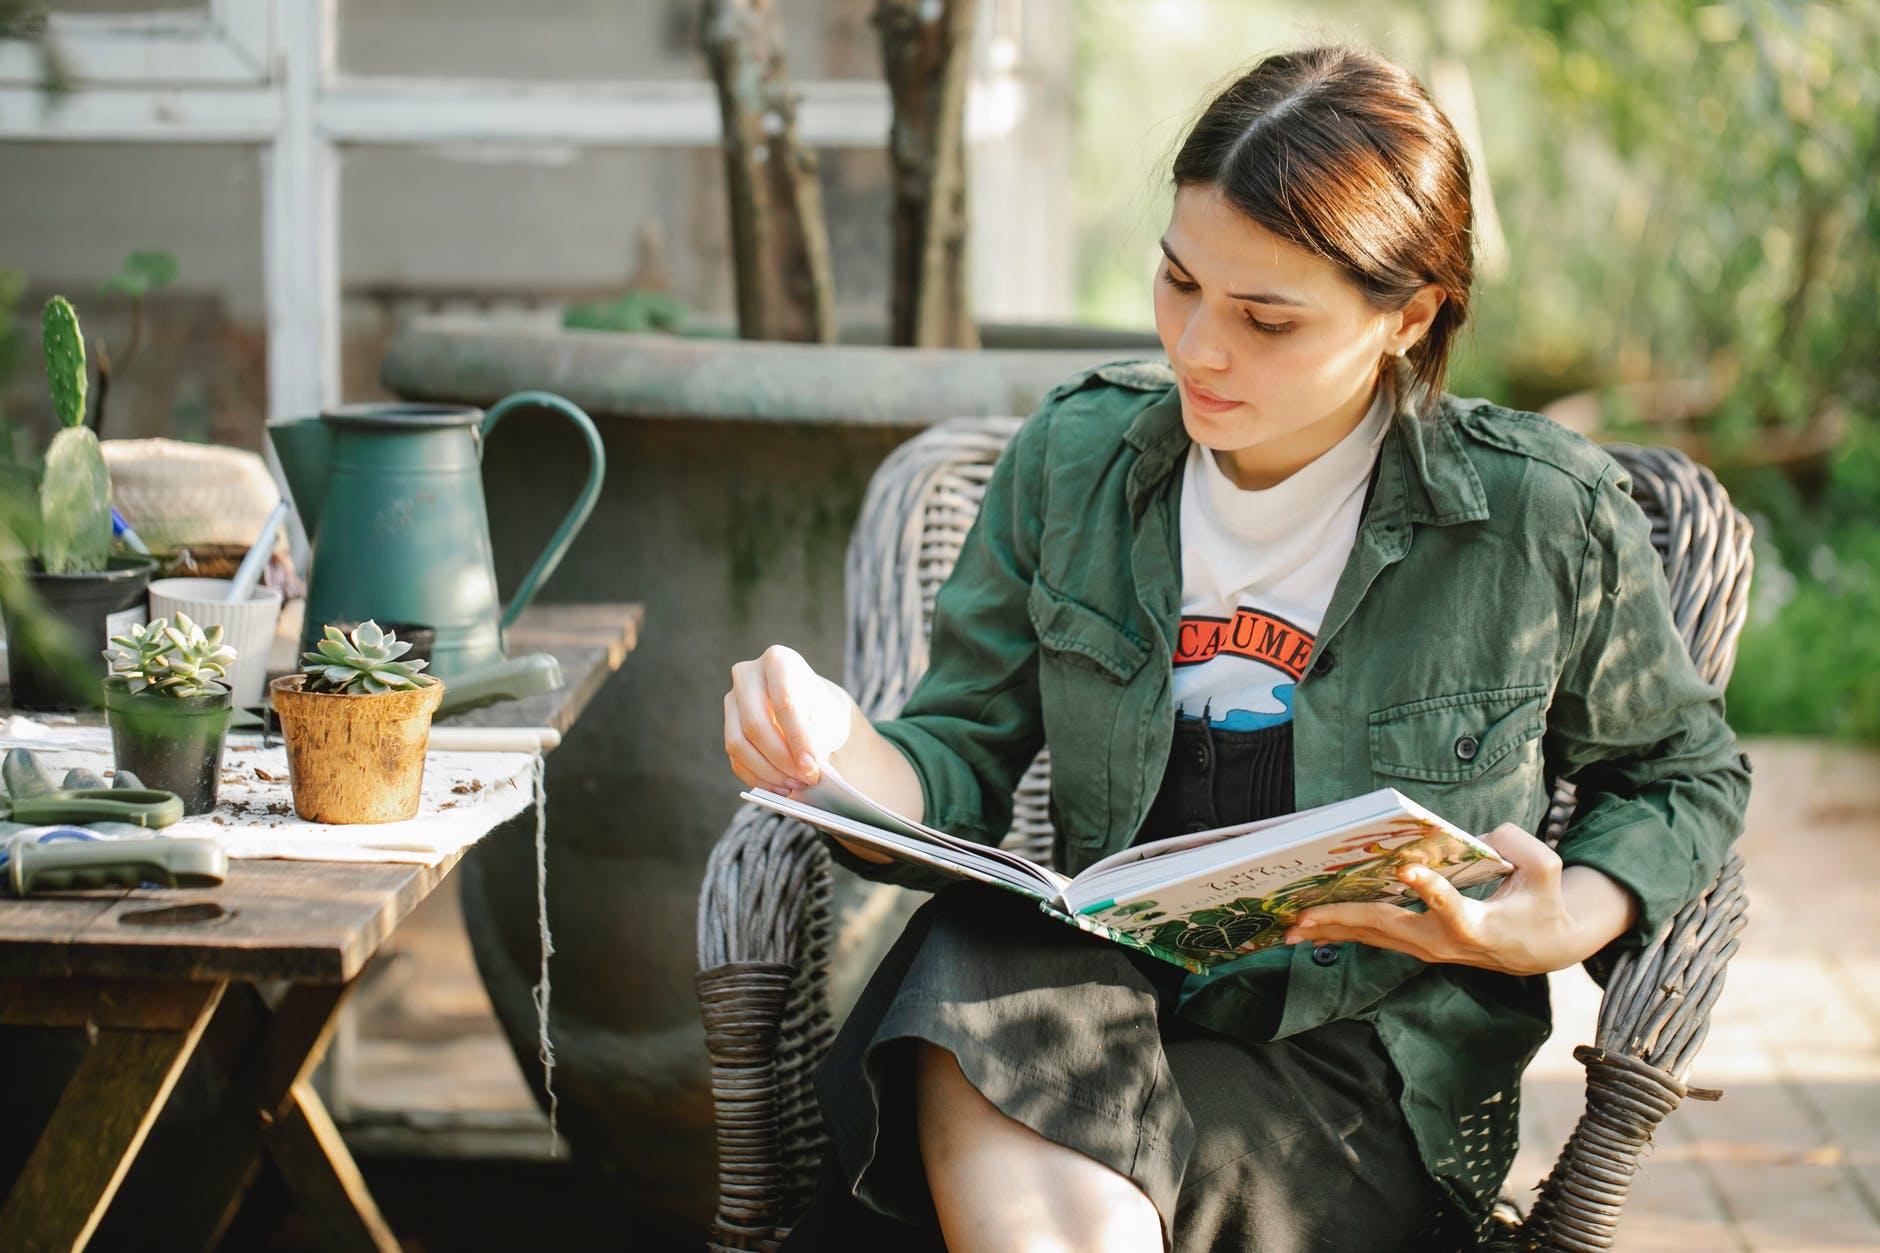 gardener reading book in armchair near plants in pots